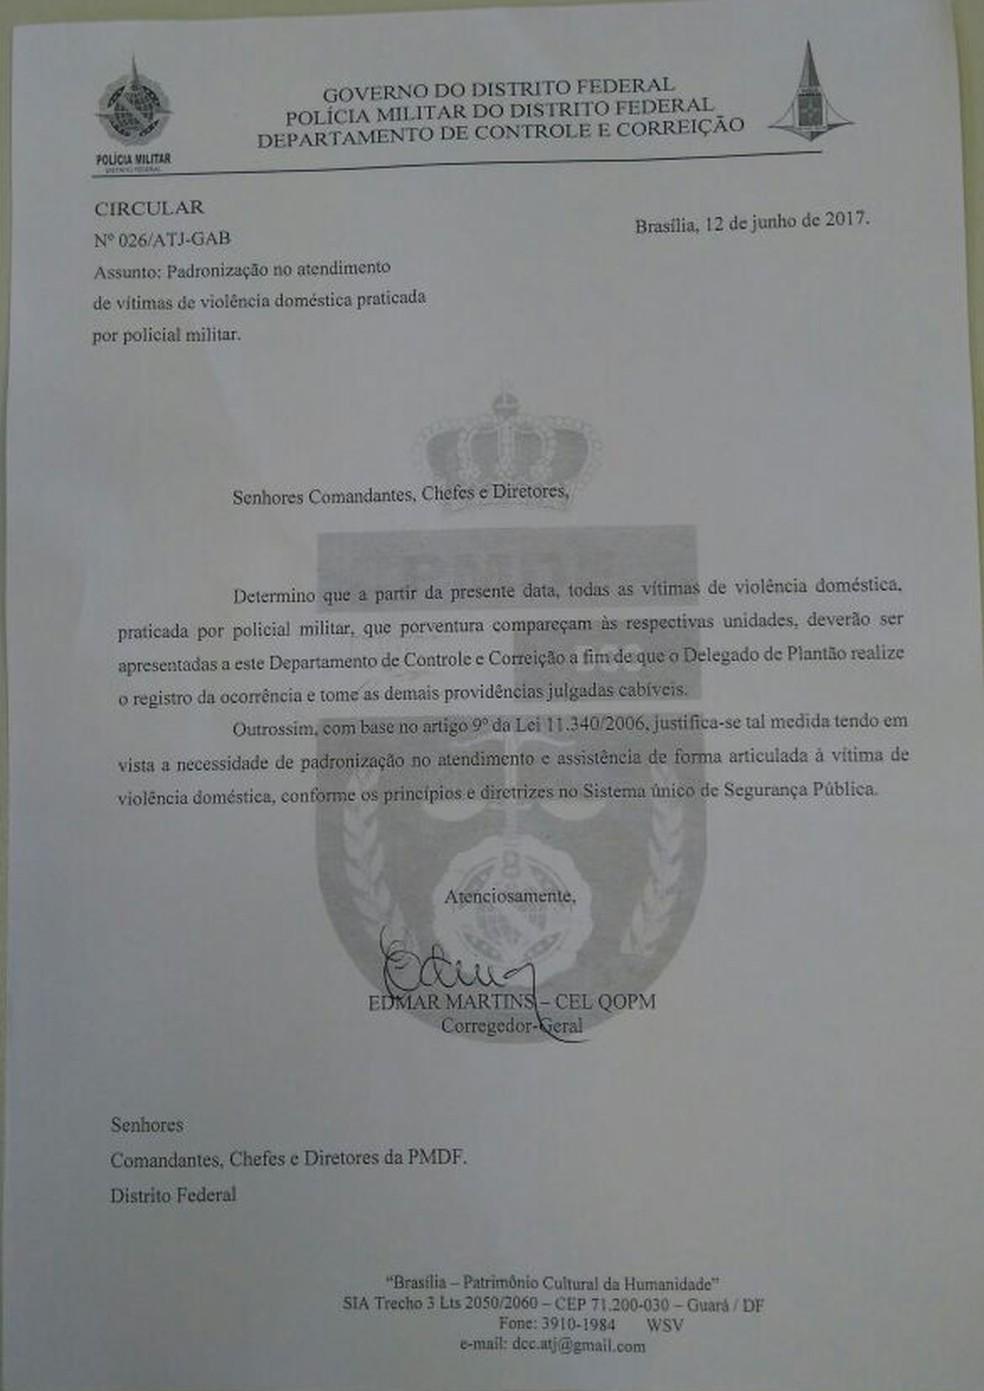 Documento da PMDF é do dia 12 de junho (Foto: Reprodução)